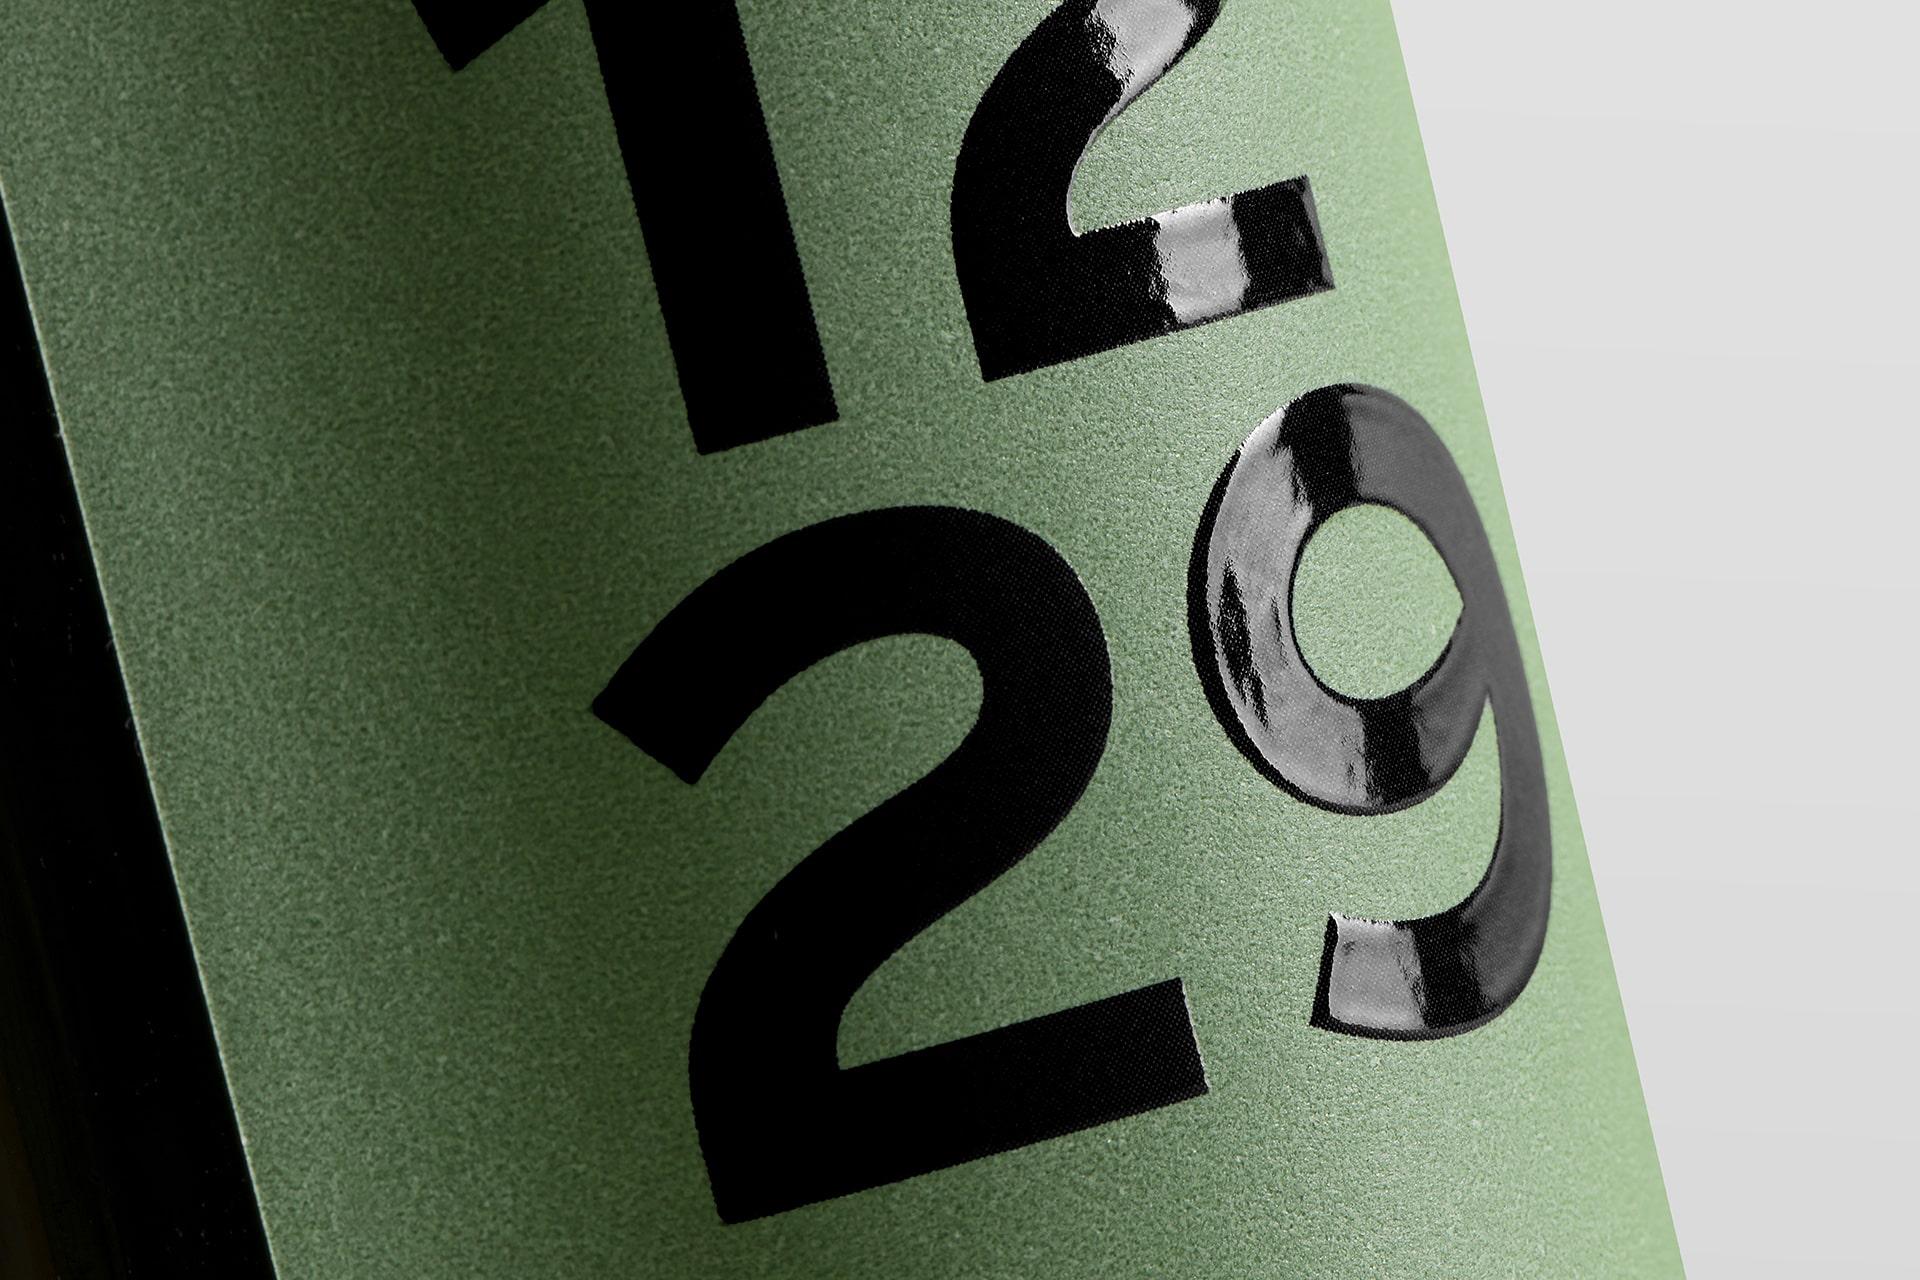 capponi-1229-dettaglio-etichetta